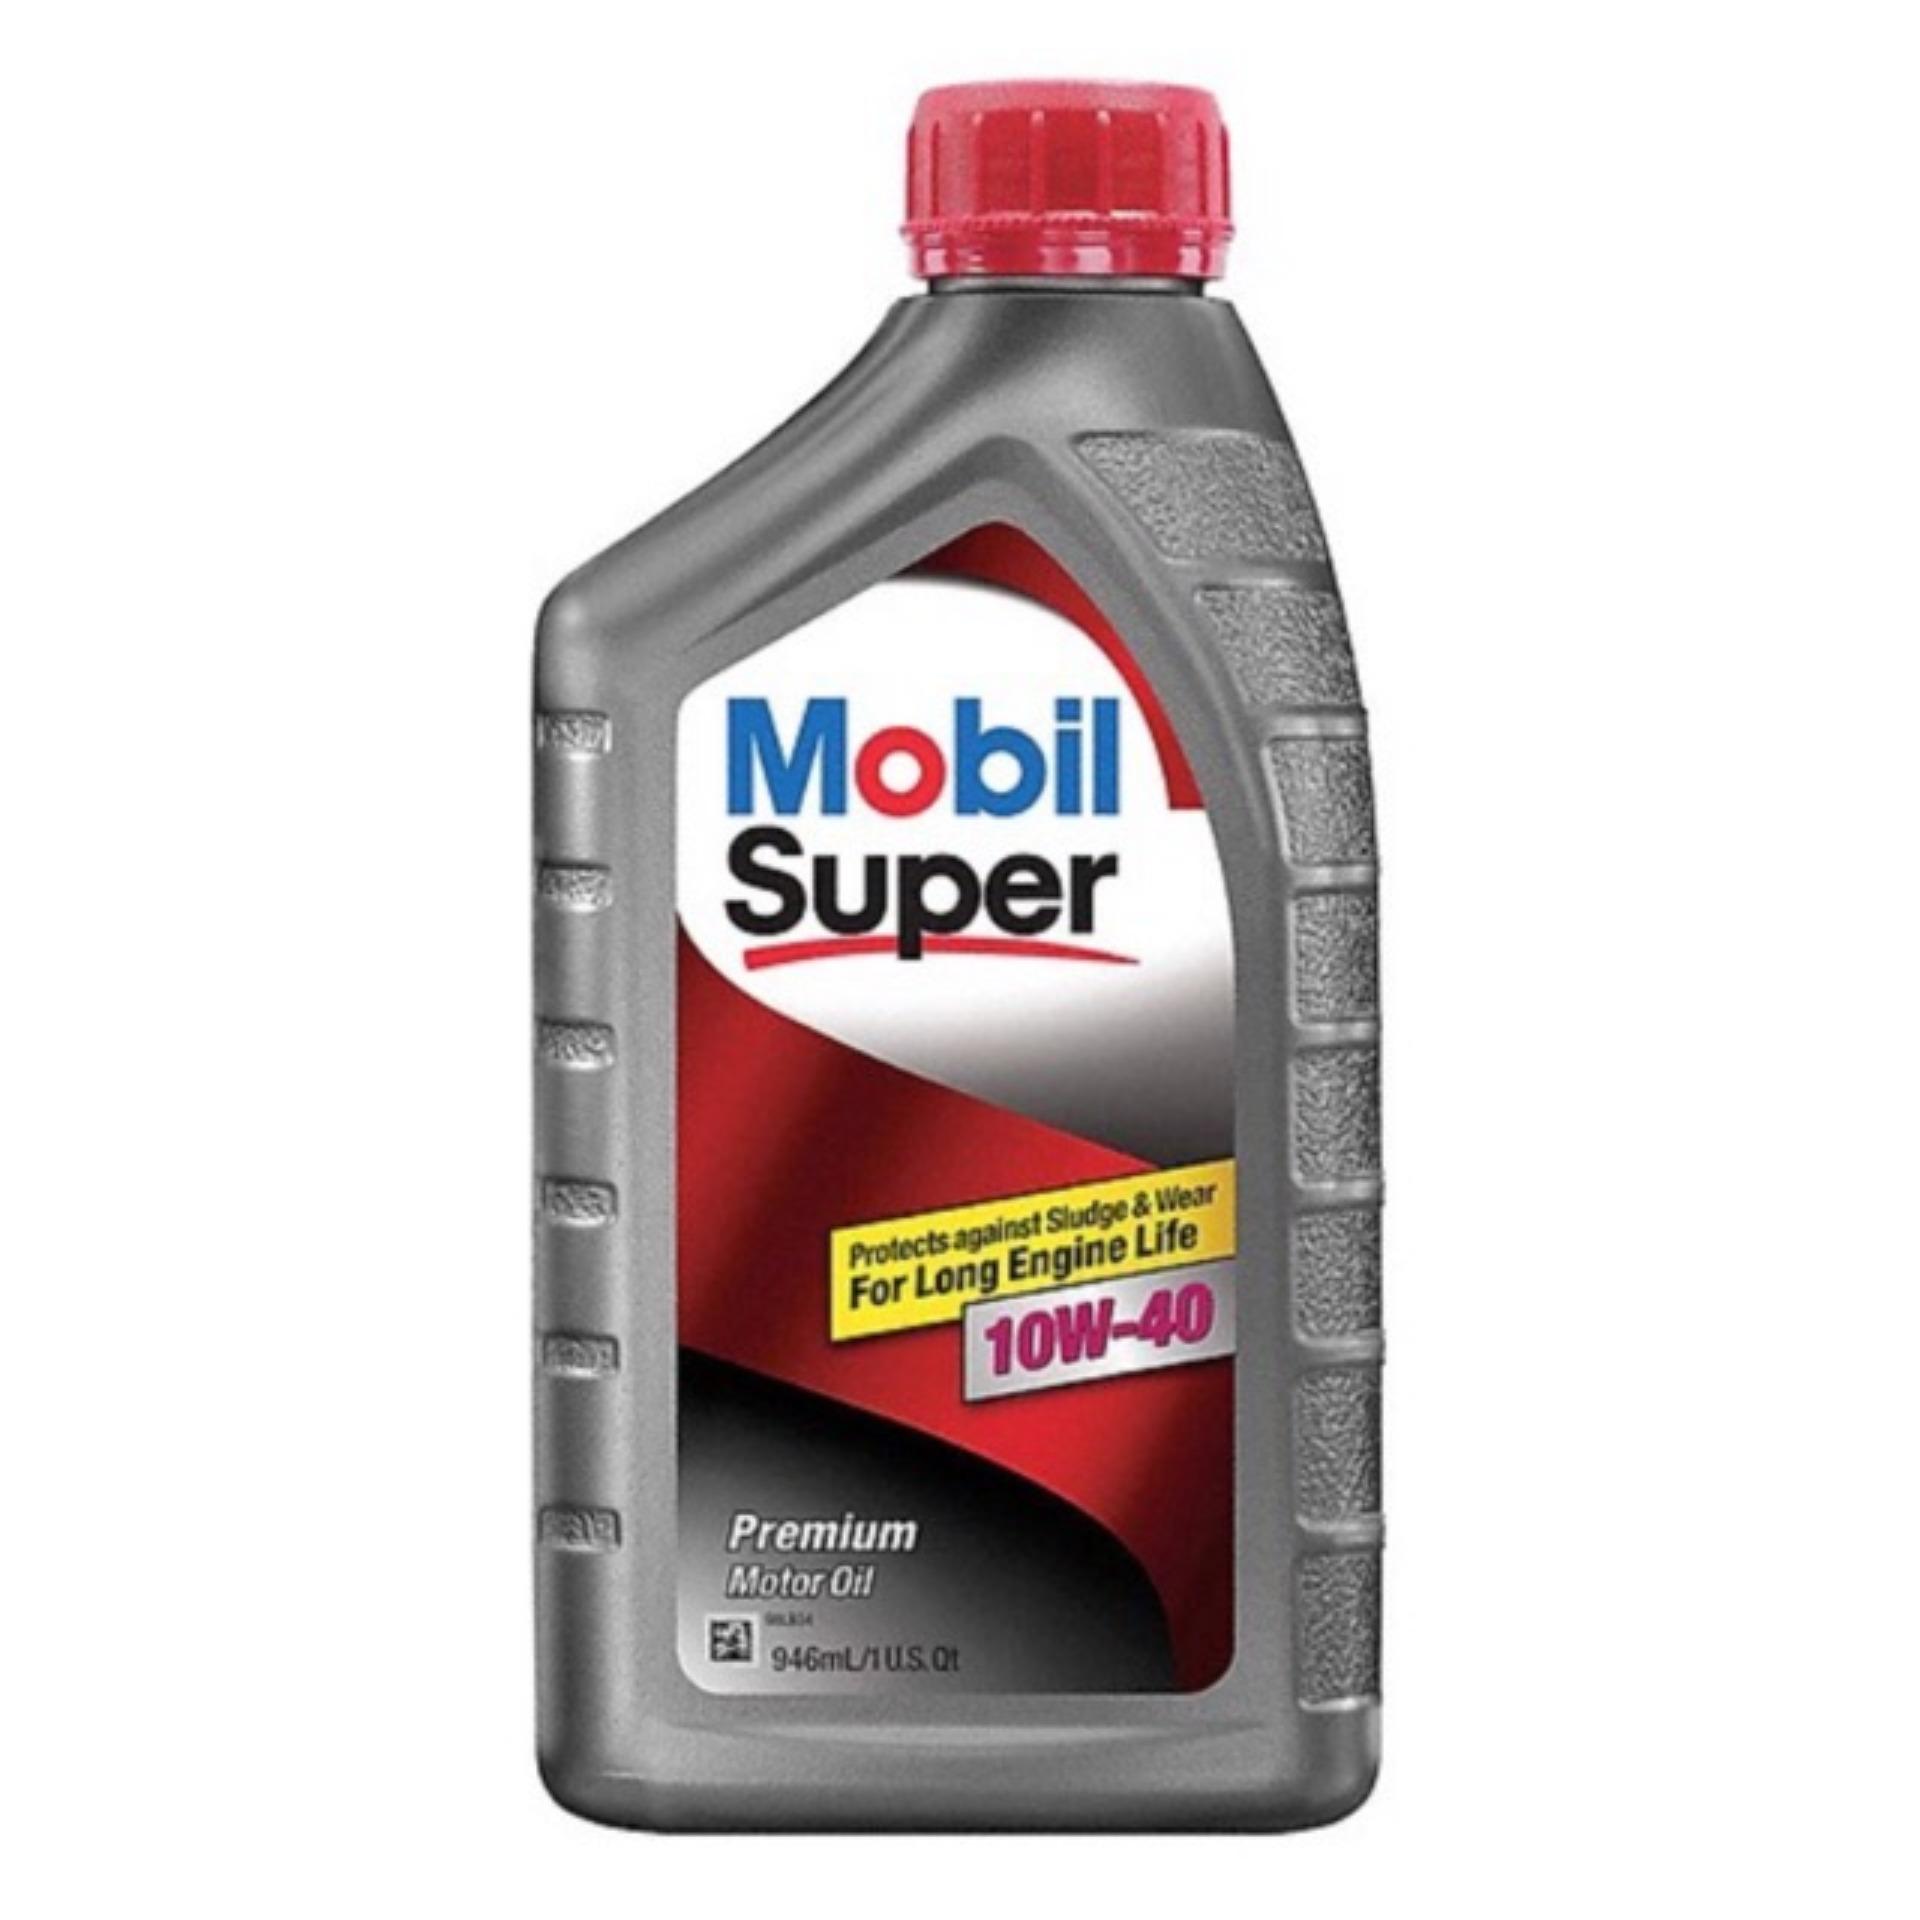 Dầu Nhớt Mobil Super 10W-40 946ml Giá Tốt Nhất Thị Trường